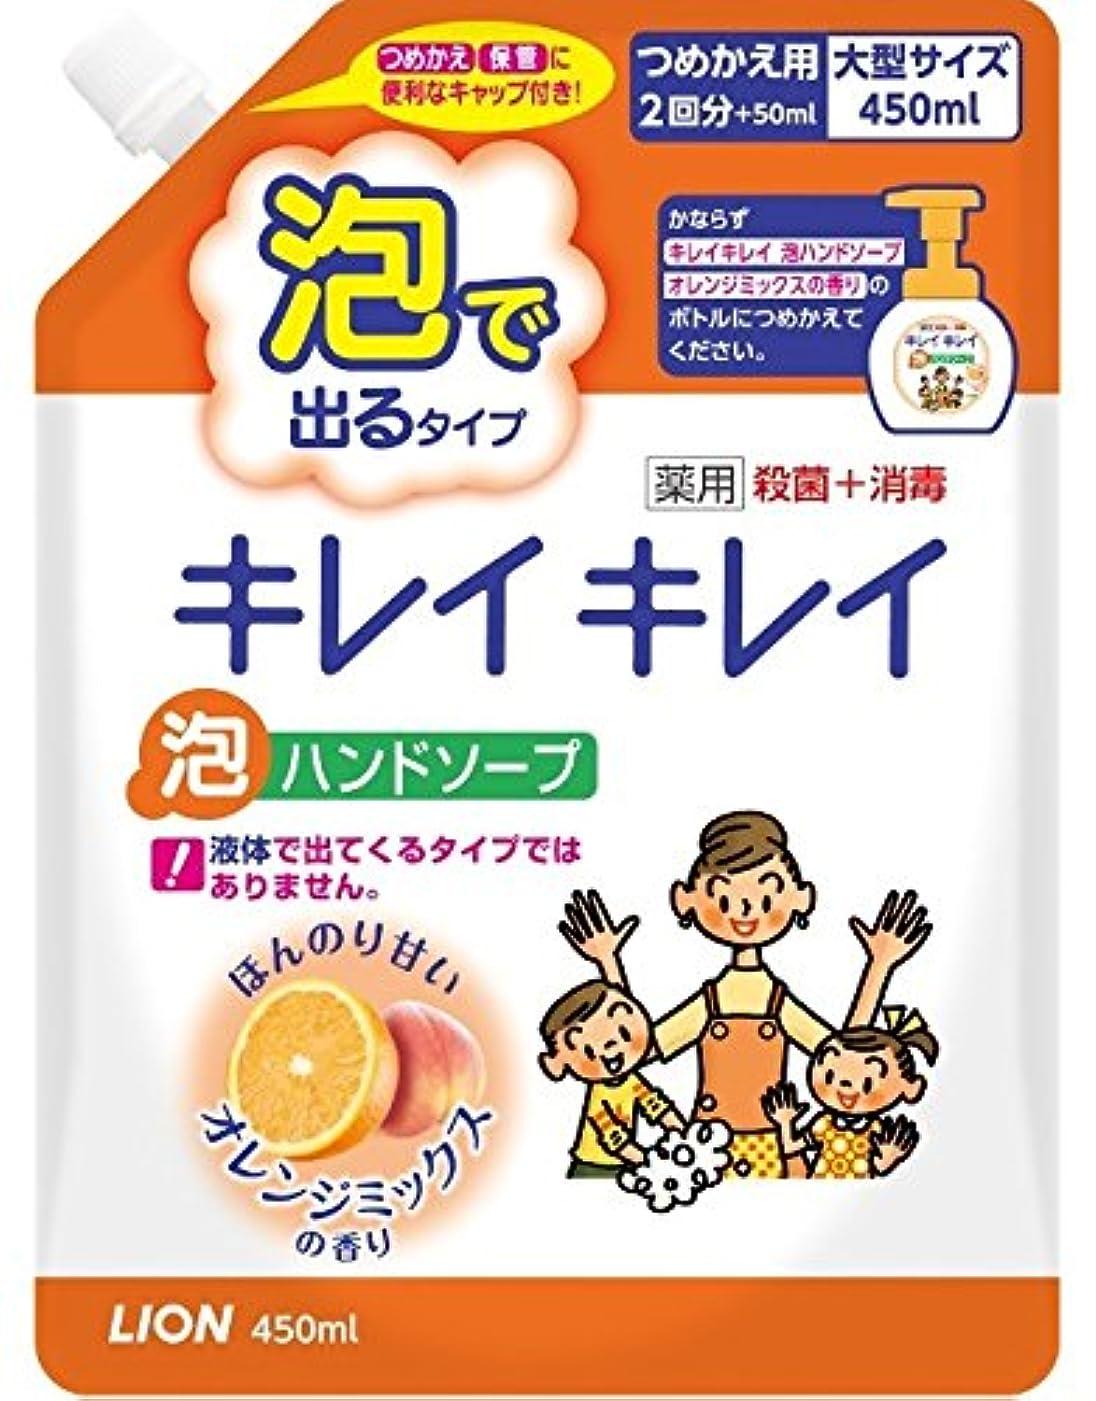 規模ウッズ潜むキレイキレイ薬用泡ハンドソープオレンジミックスの香りつめかえ用大型サイズ450mL